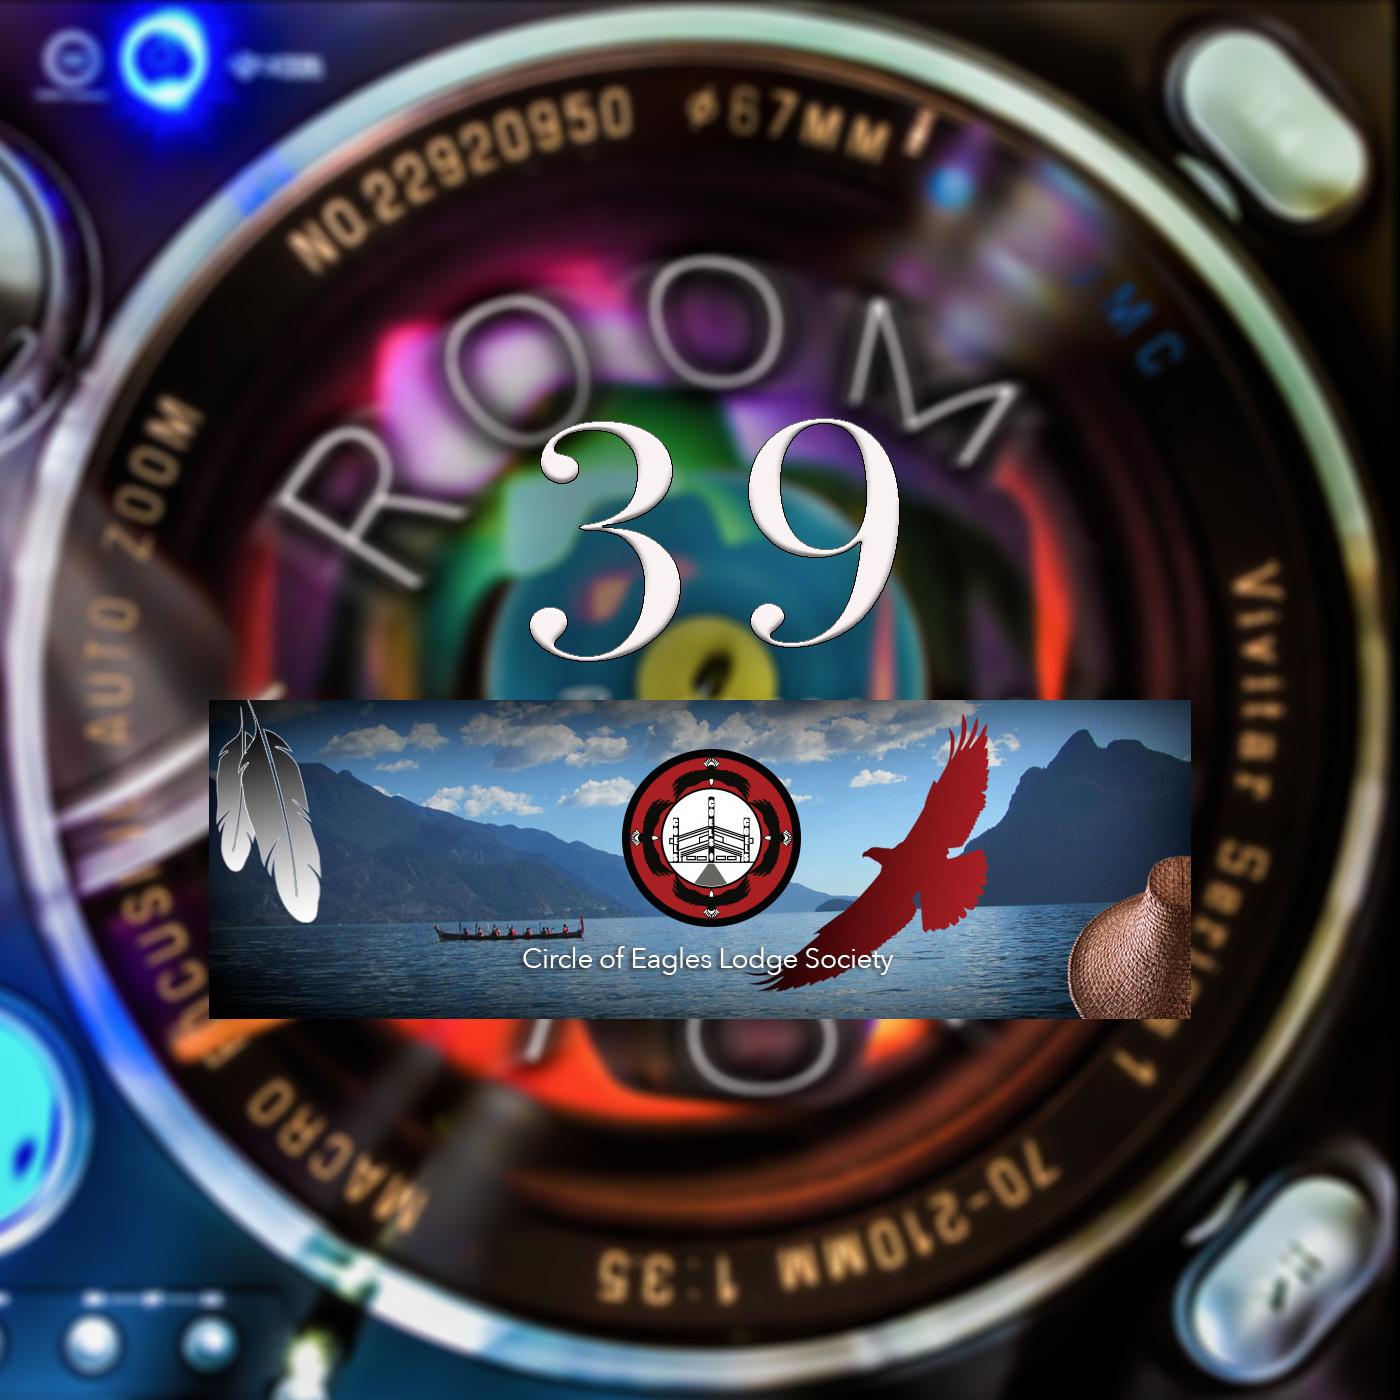 Room Tone Take 39.jpg